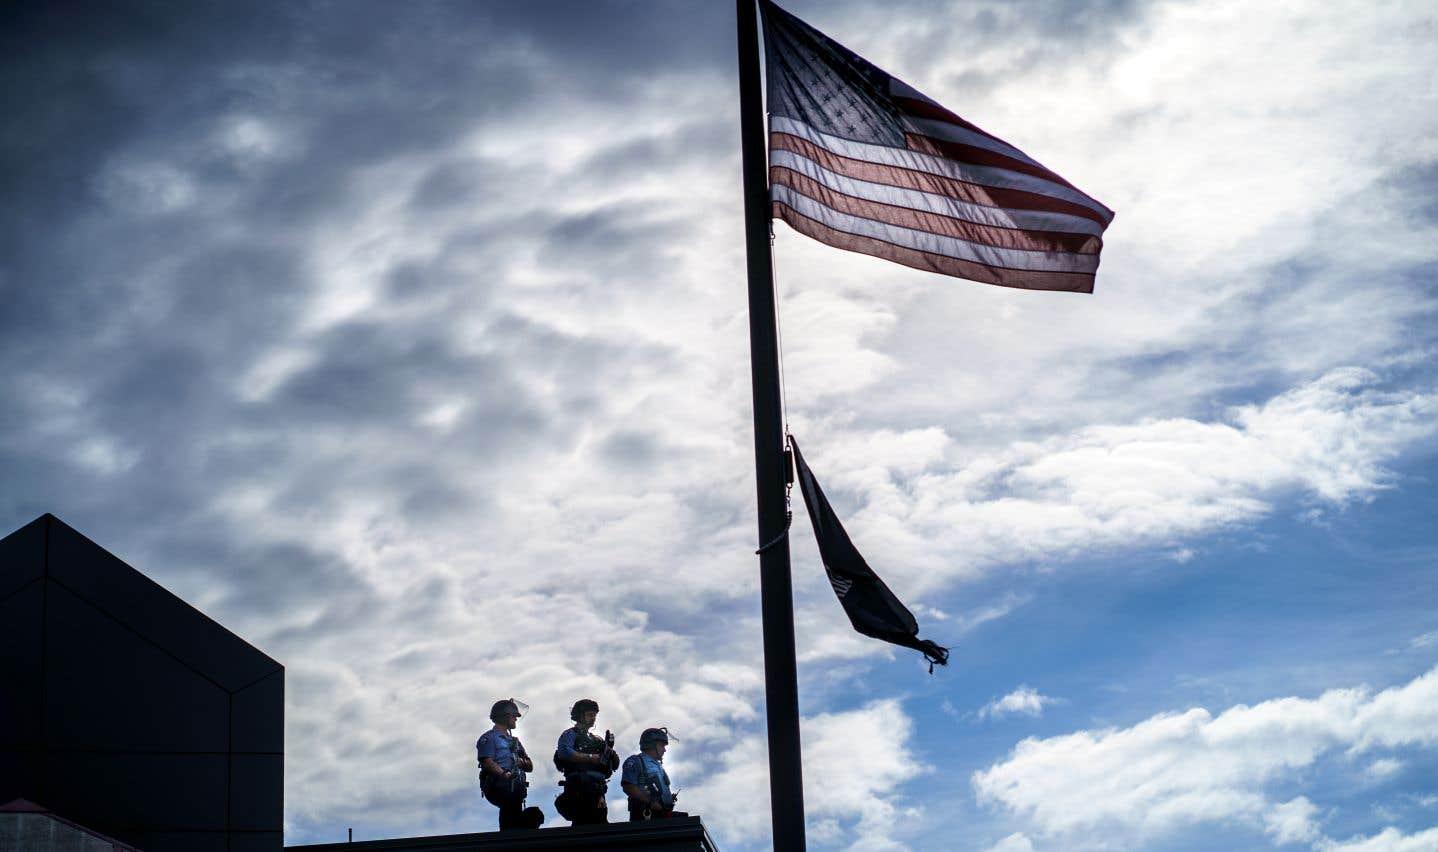 Trois policiers se tiennent sur le toit du poste de police no. 3, l'un tenant une arme à projectile, alors que des manifestants affrontent la police à l'extérieur, à Minneapolis.